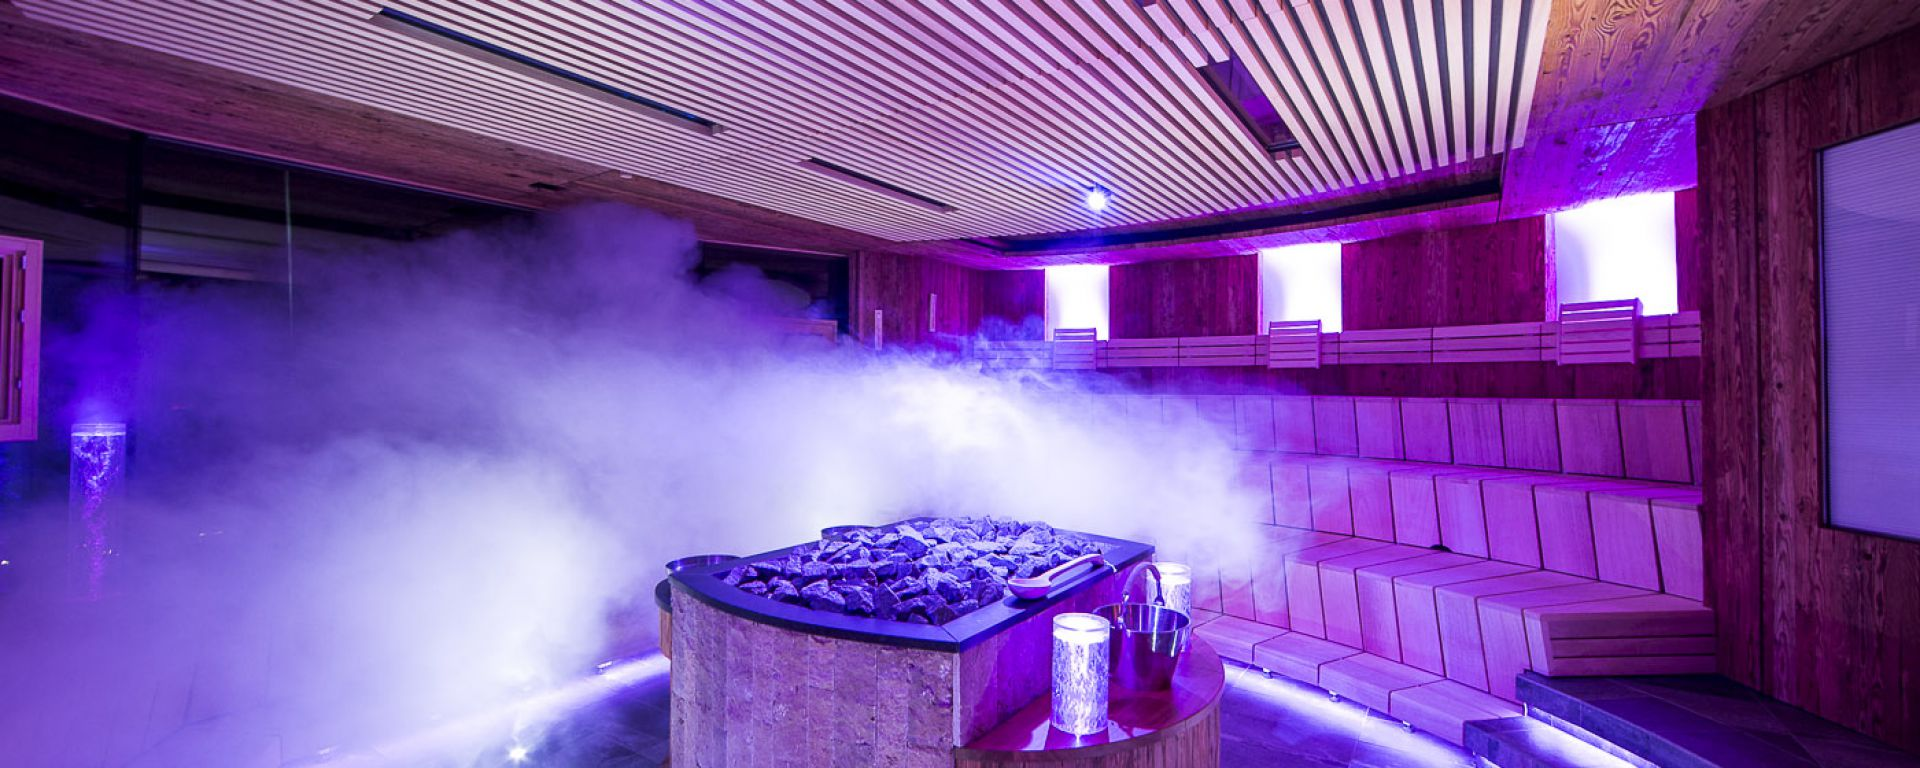 See-Event-Sauna mit Nebel- und Sprühregenfunktion, Leinwand und Hightech-Musikanlage.jpg